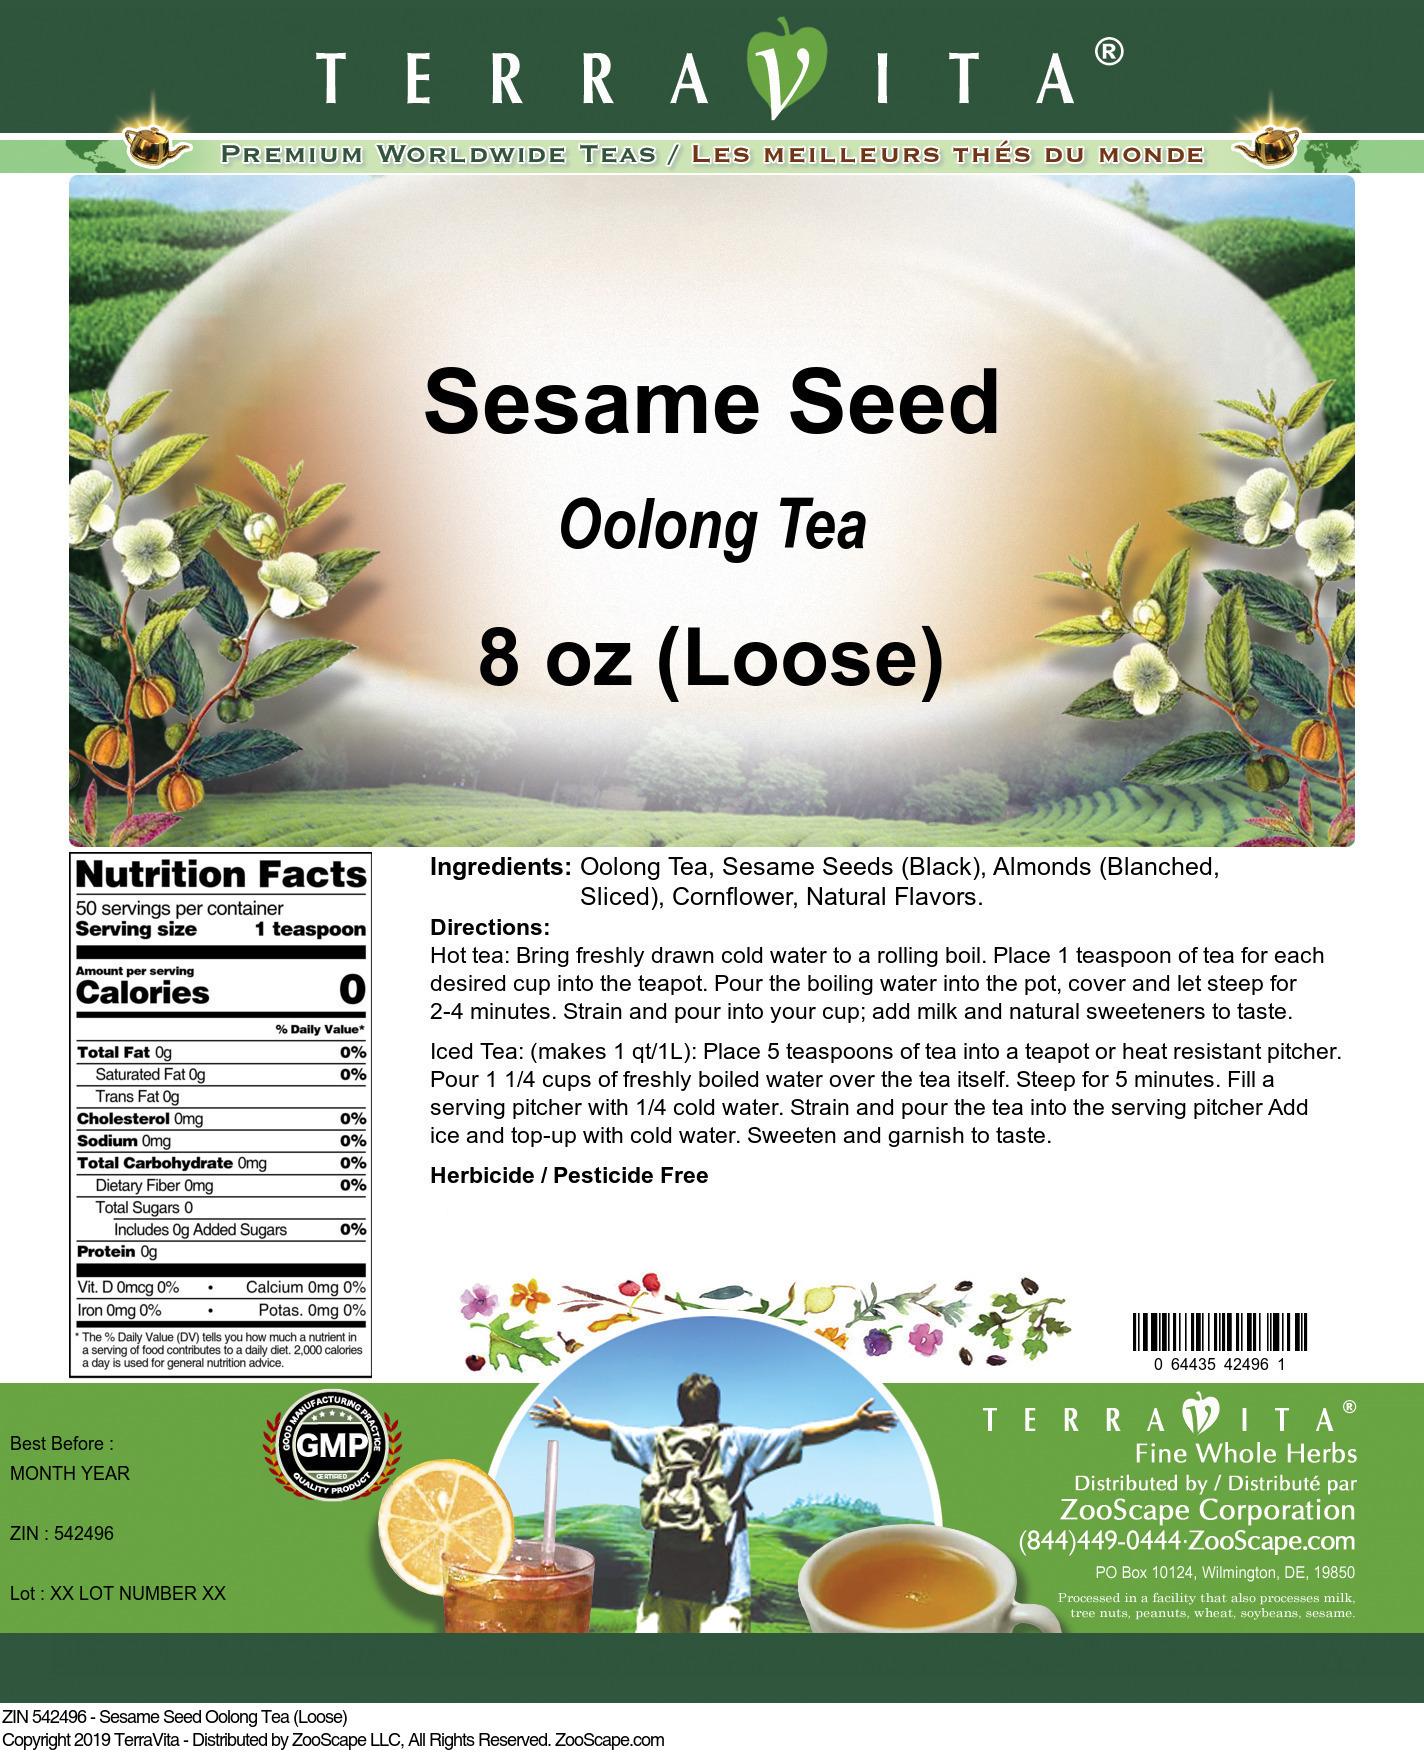 Sesame Seed Oolong Tea (Loose)